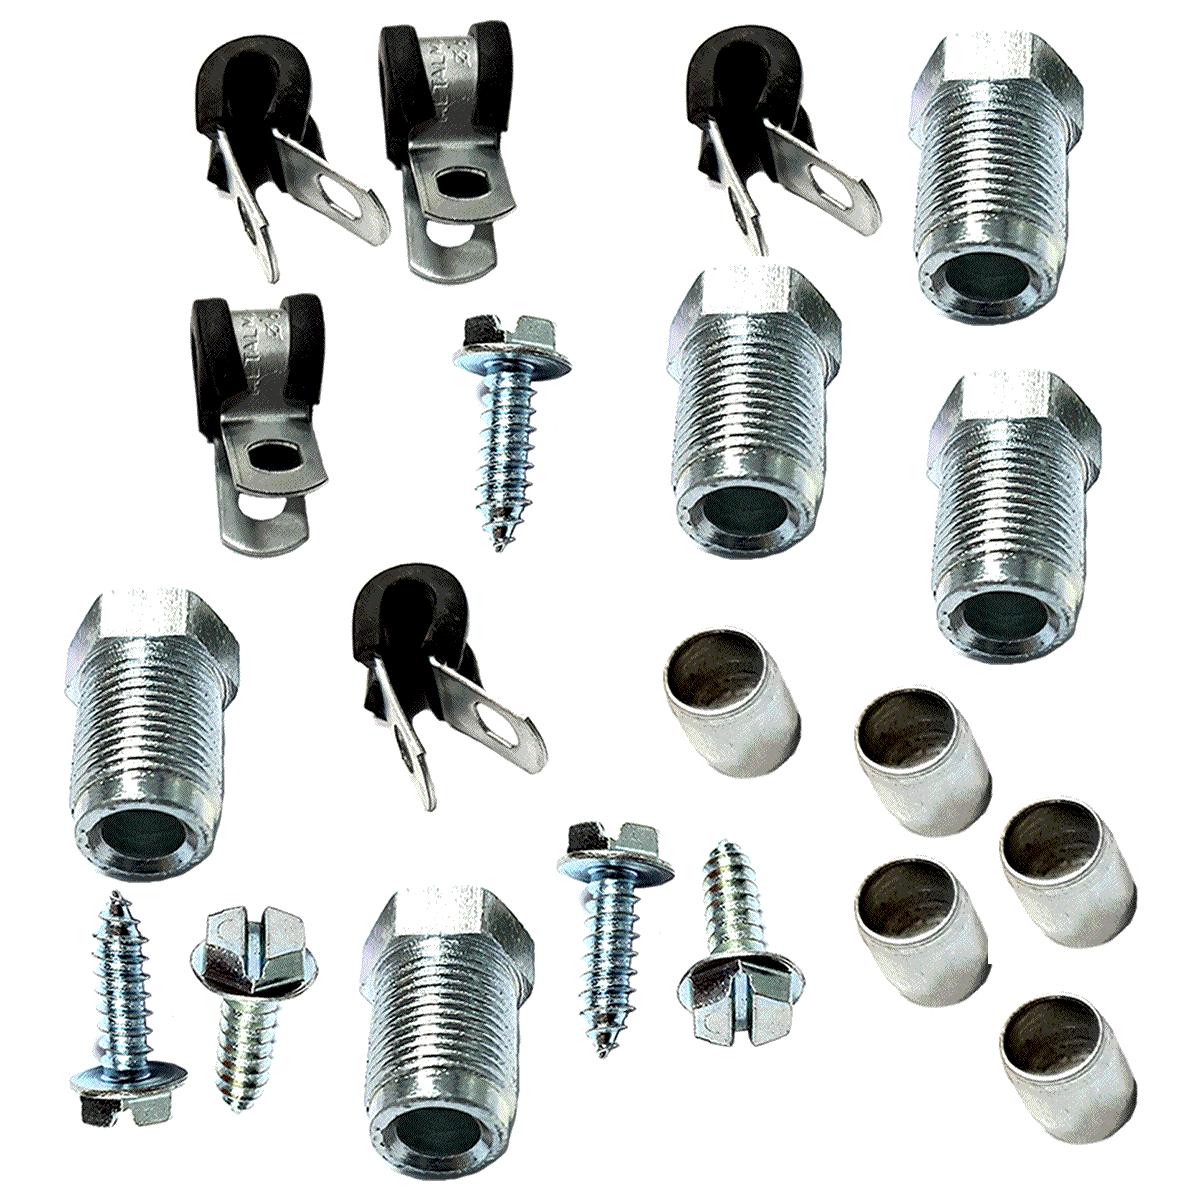 Kit Tubo de Alta GNV Aço R 5 Fixações e Conexões Qualquer Geração